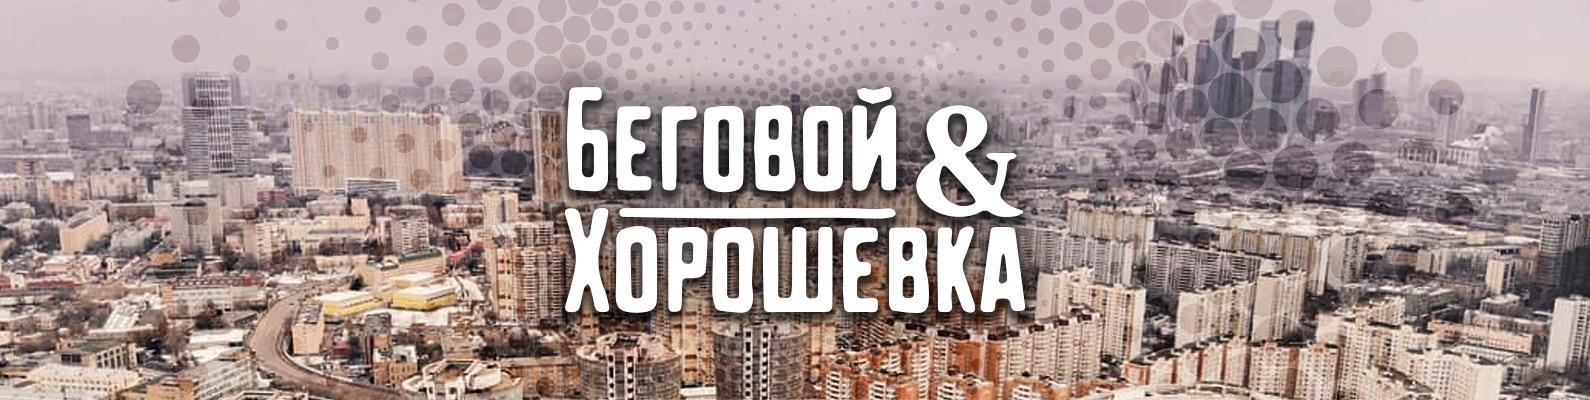 Беговой&Хорошевка сидят дома | ВКонтакте